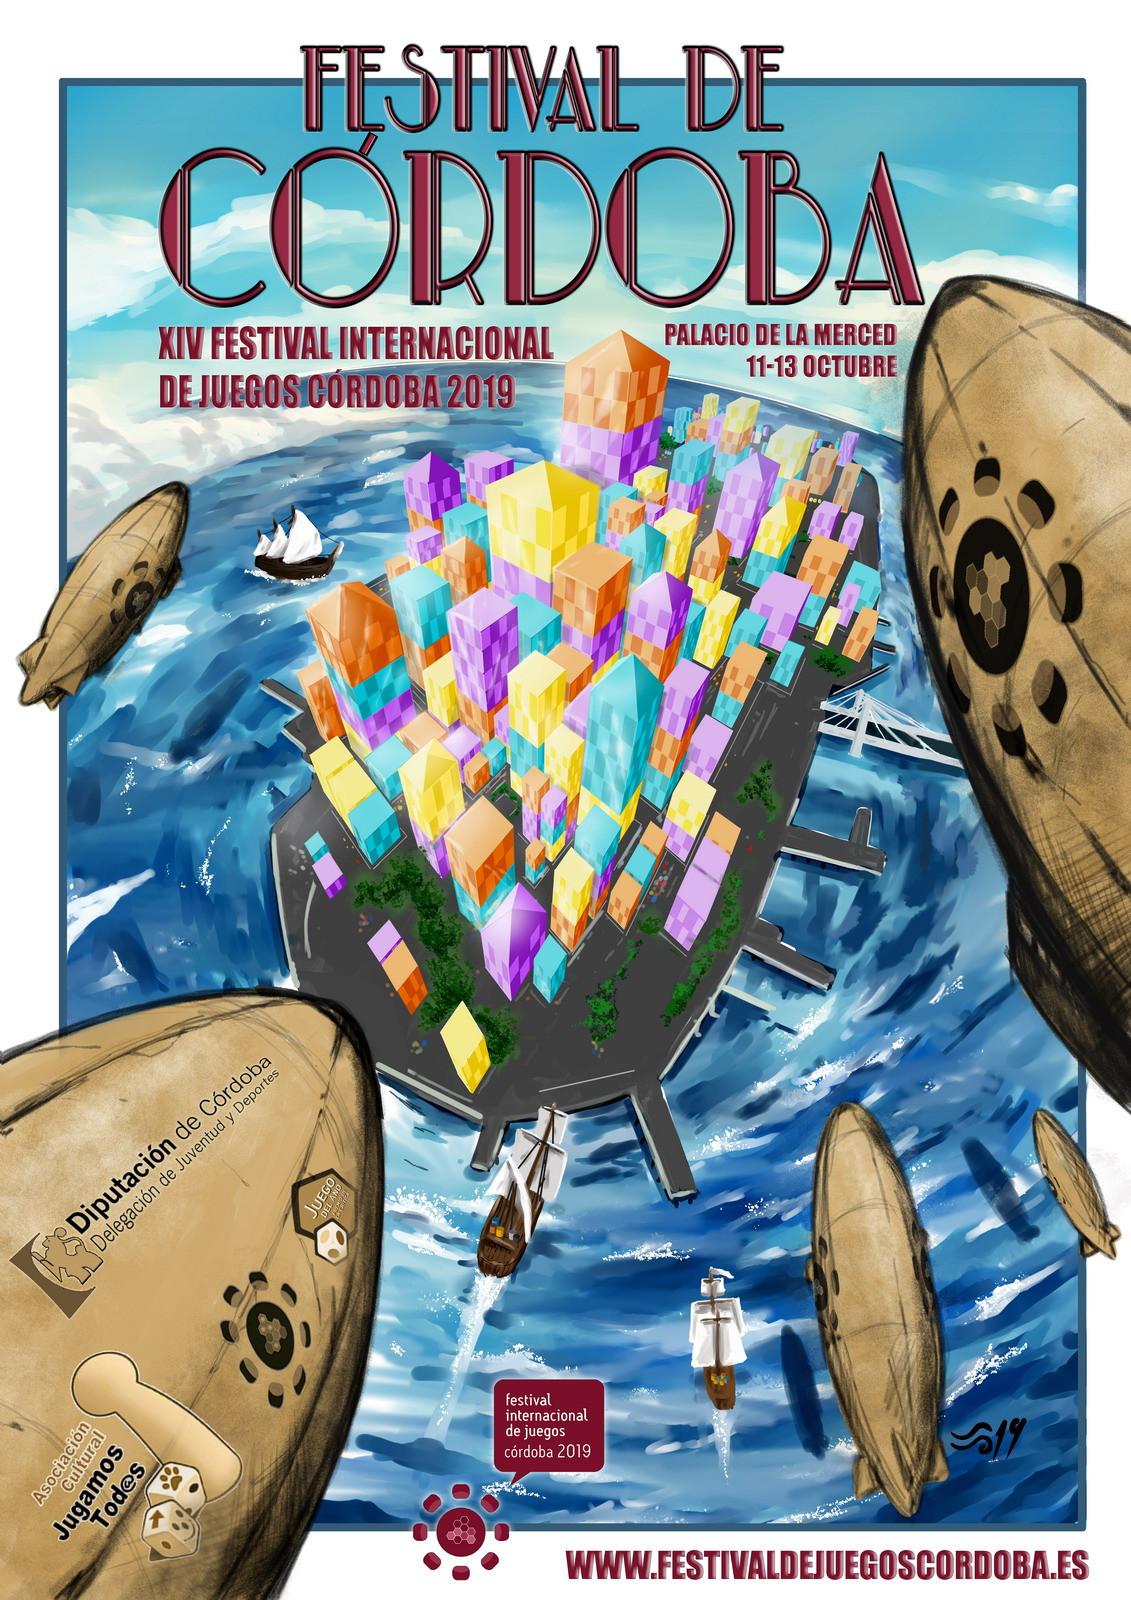 Festival Internacional de juegos de Córdoba - Jugamos Tod@s